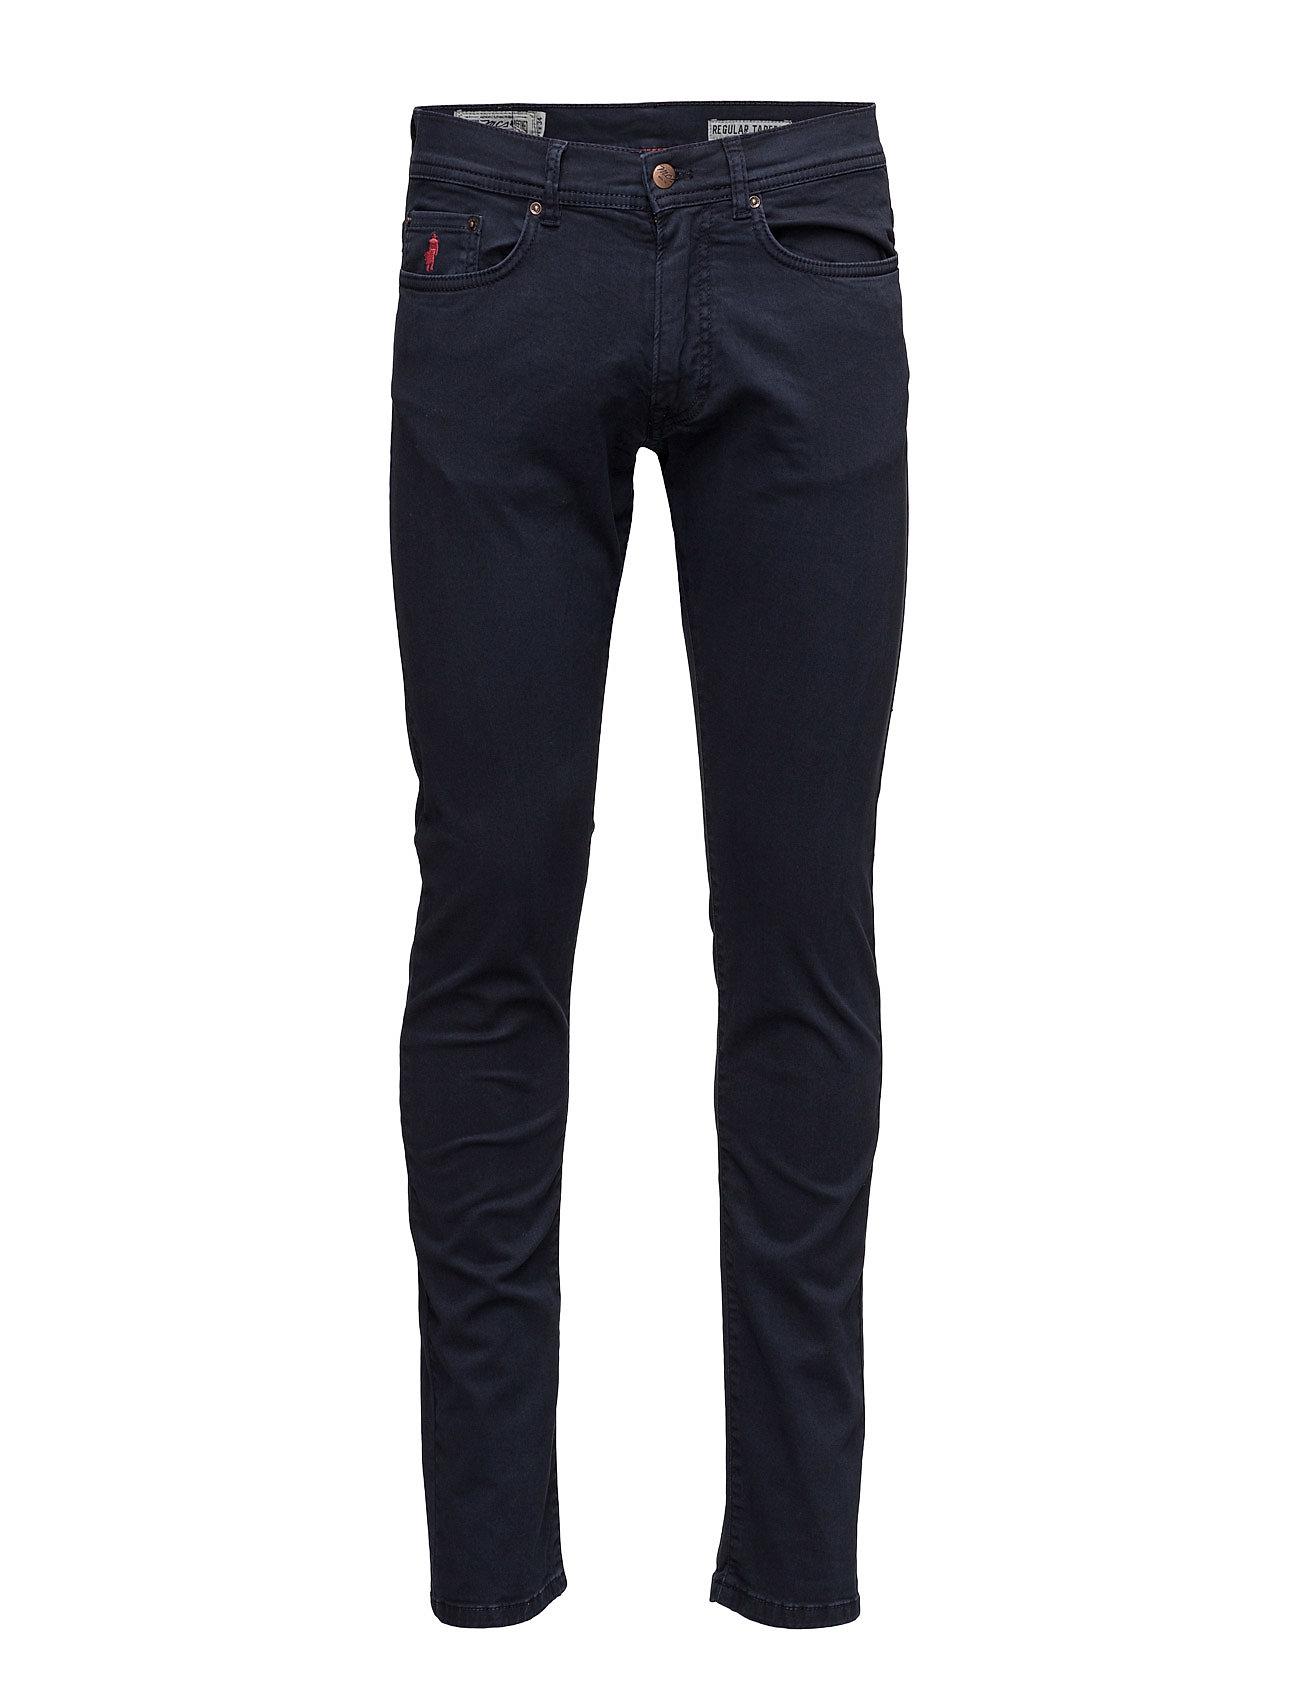 5-Pockets-Mmm MCS Jeans til Mænd i Mørkeblå